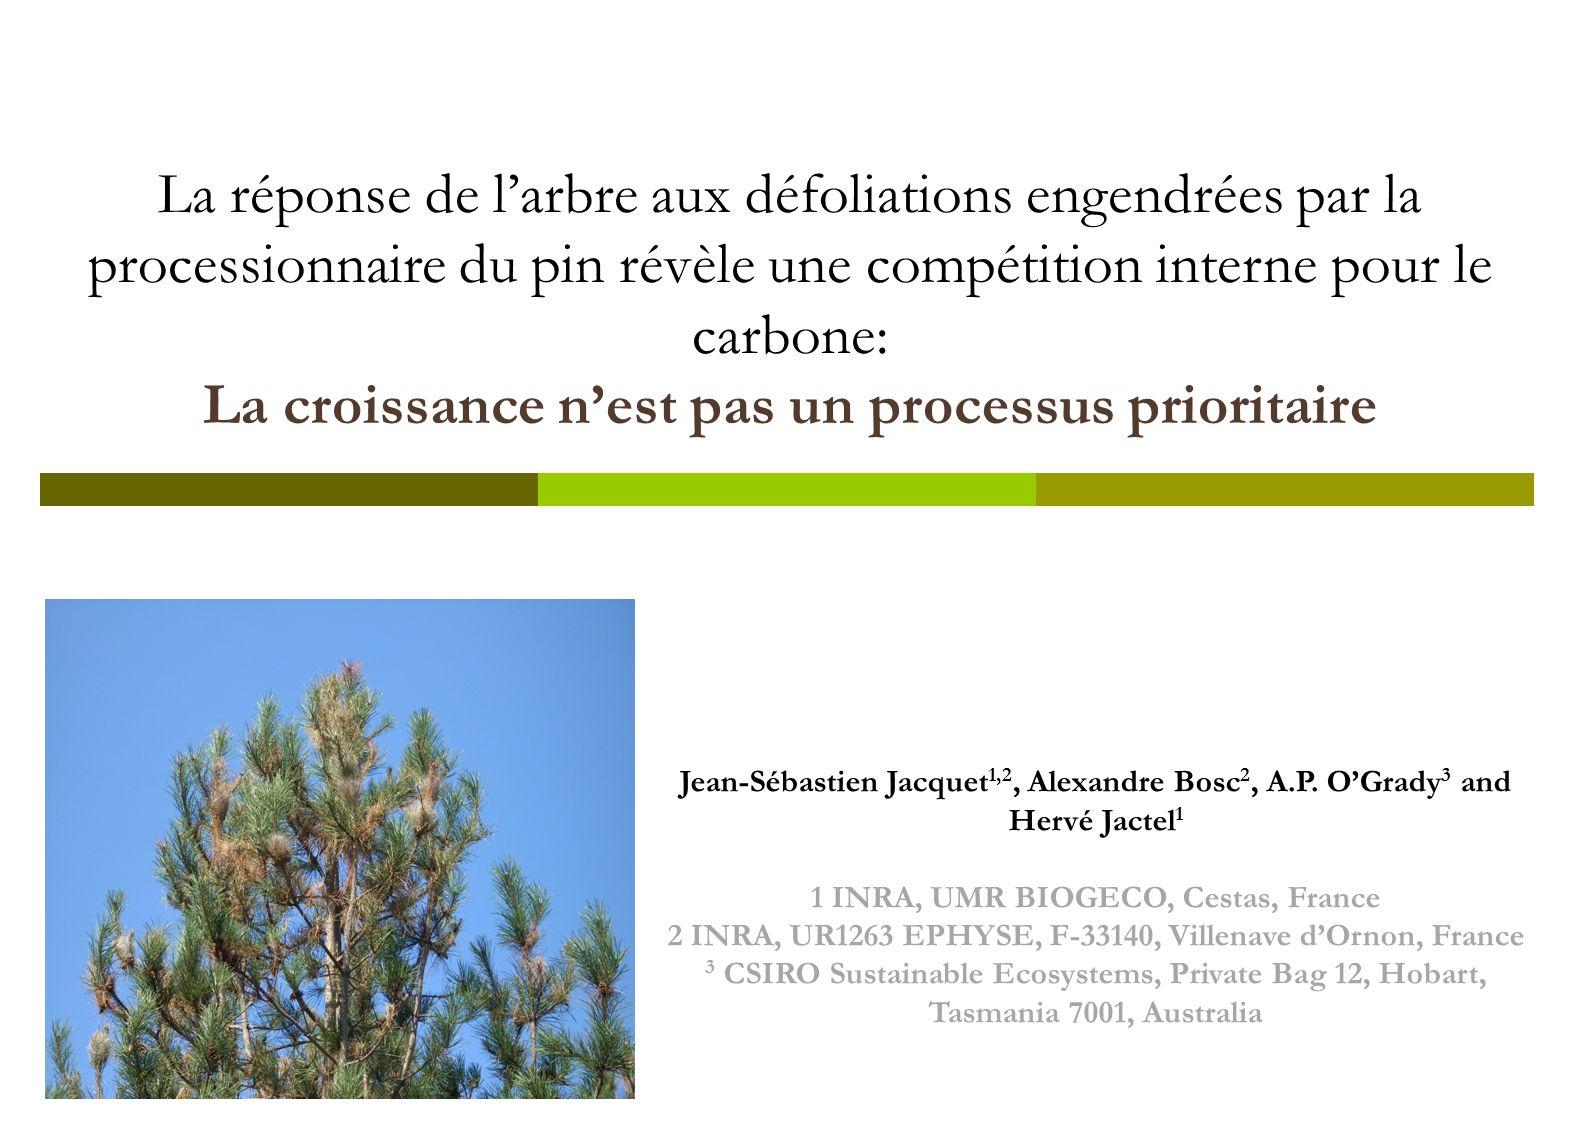 La réponse de larbre aux défoliations engendrées par la processionnaire du pin révèle une compétition interne pour le carbone: La croissance nest pas